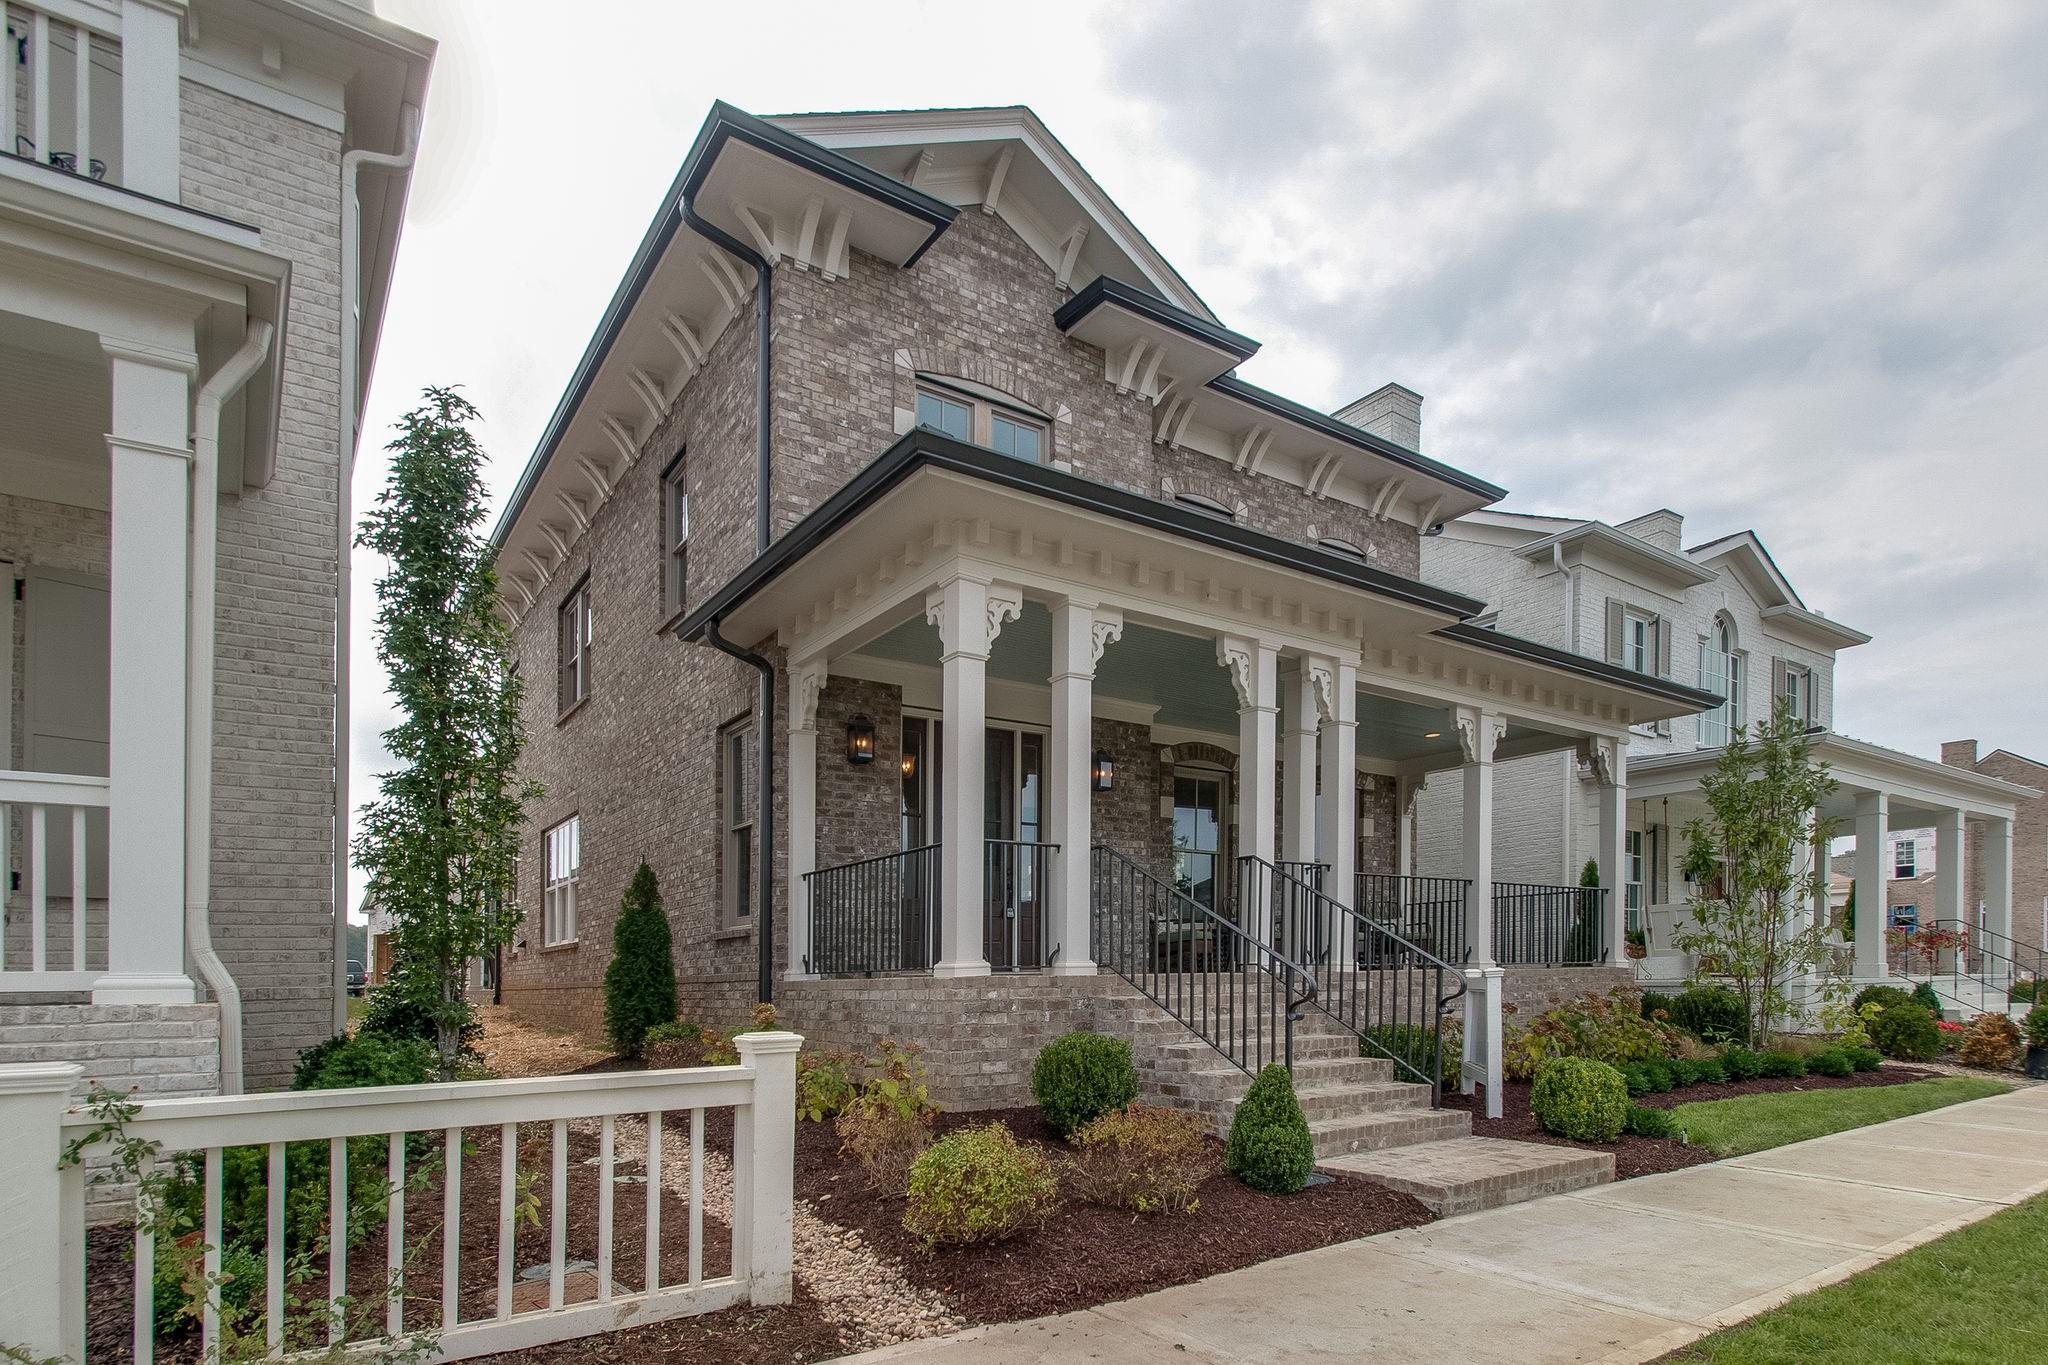 One of Bellevue 4 Bedroom Homes for Sale at 213 Meriwether Blvd